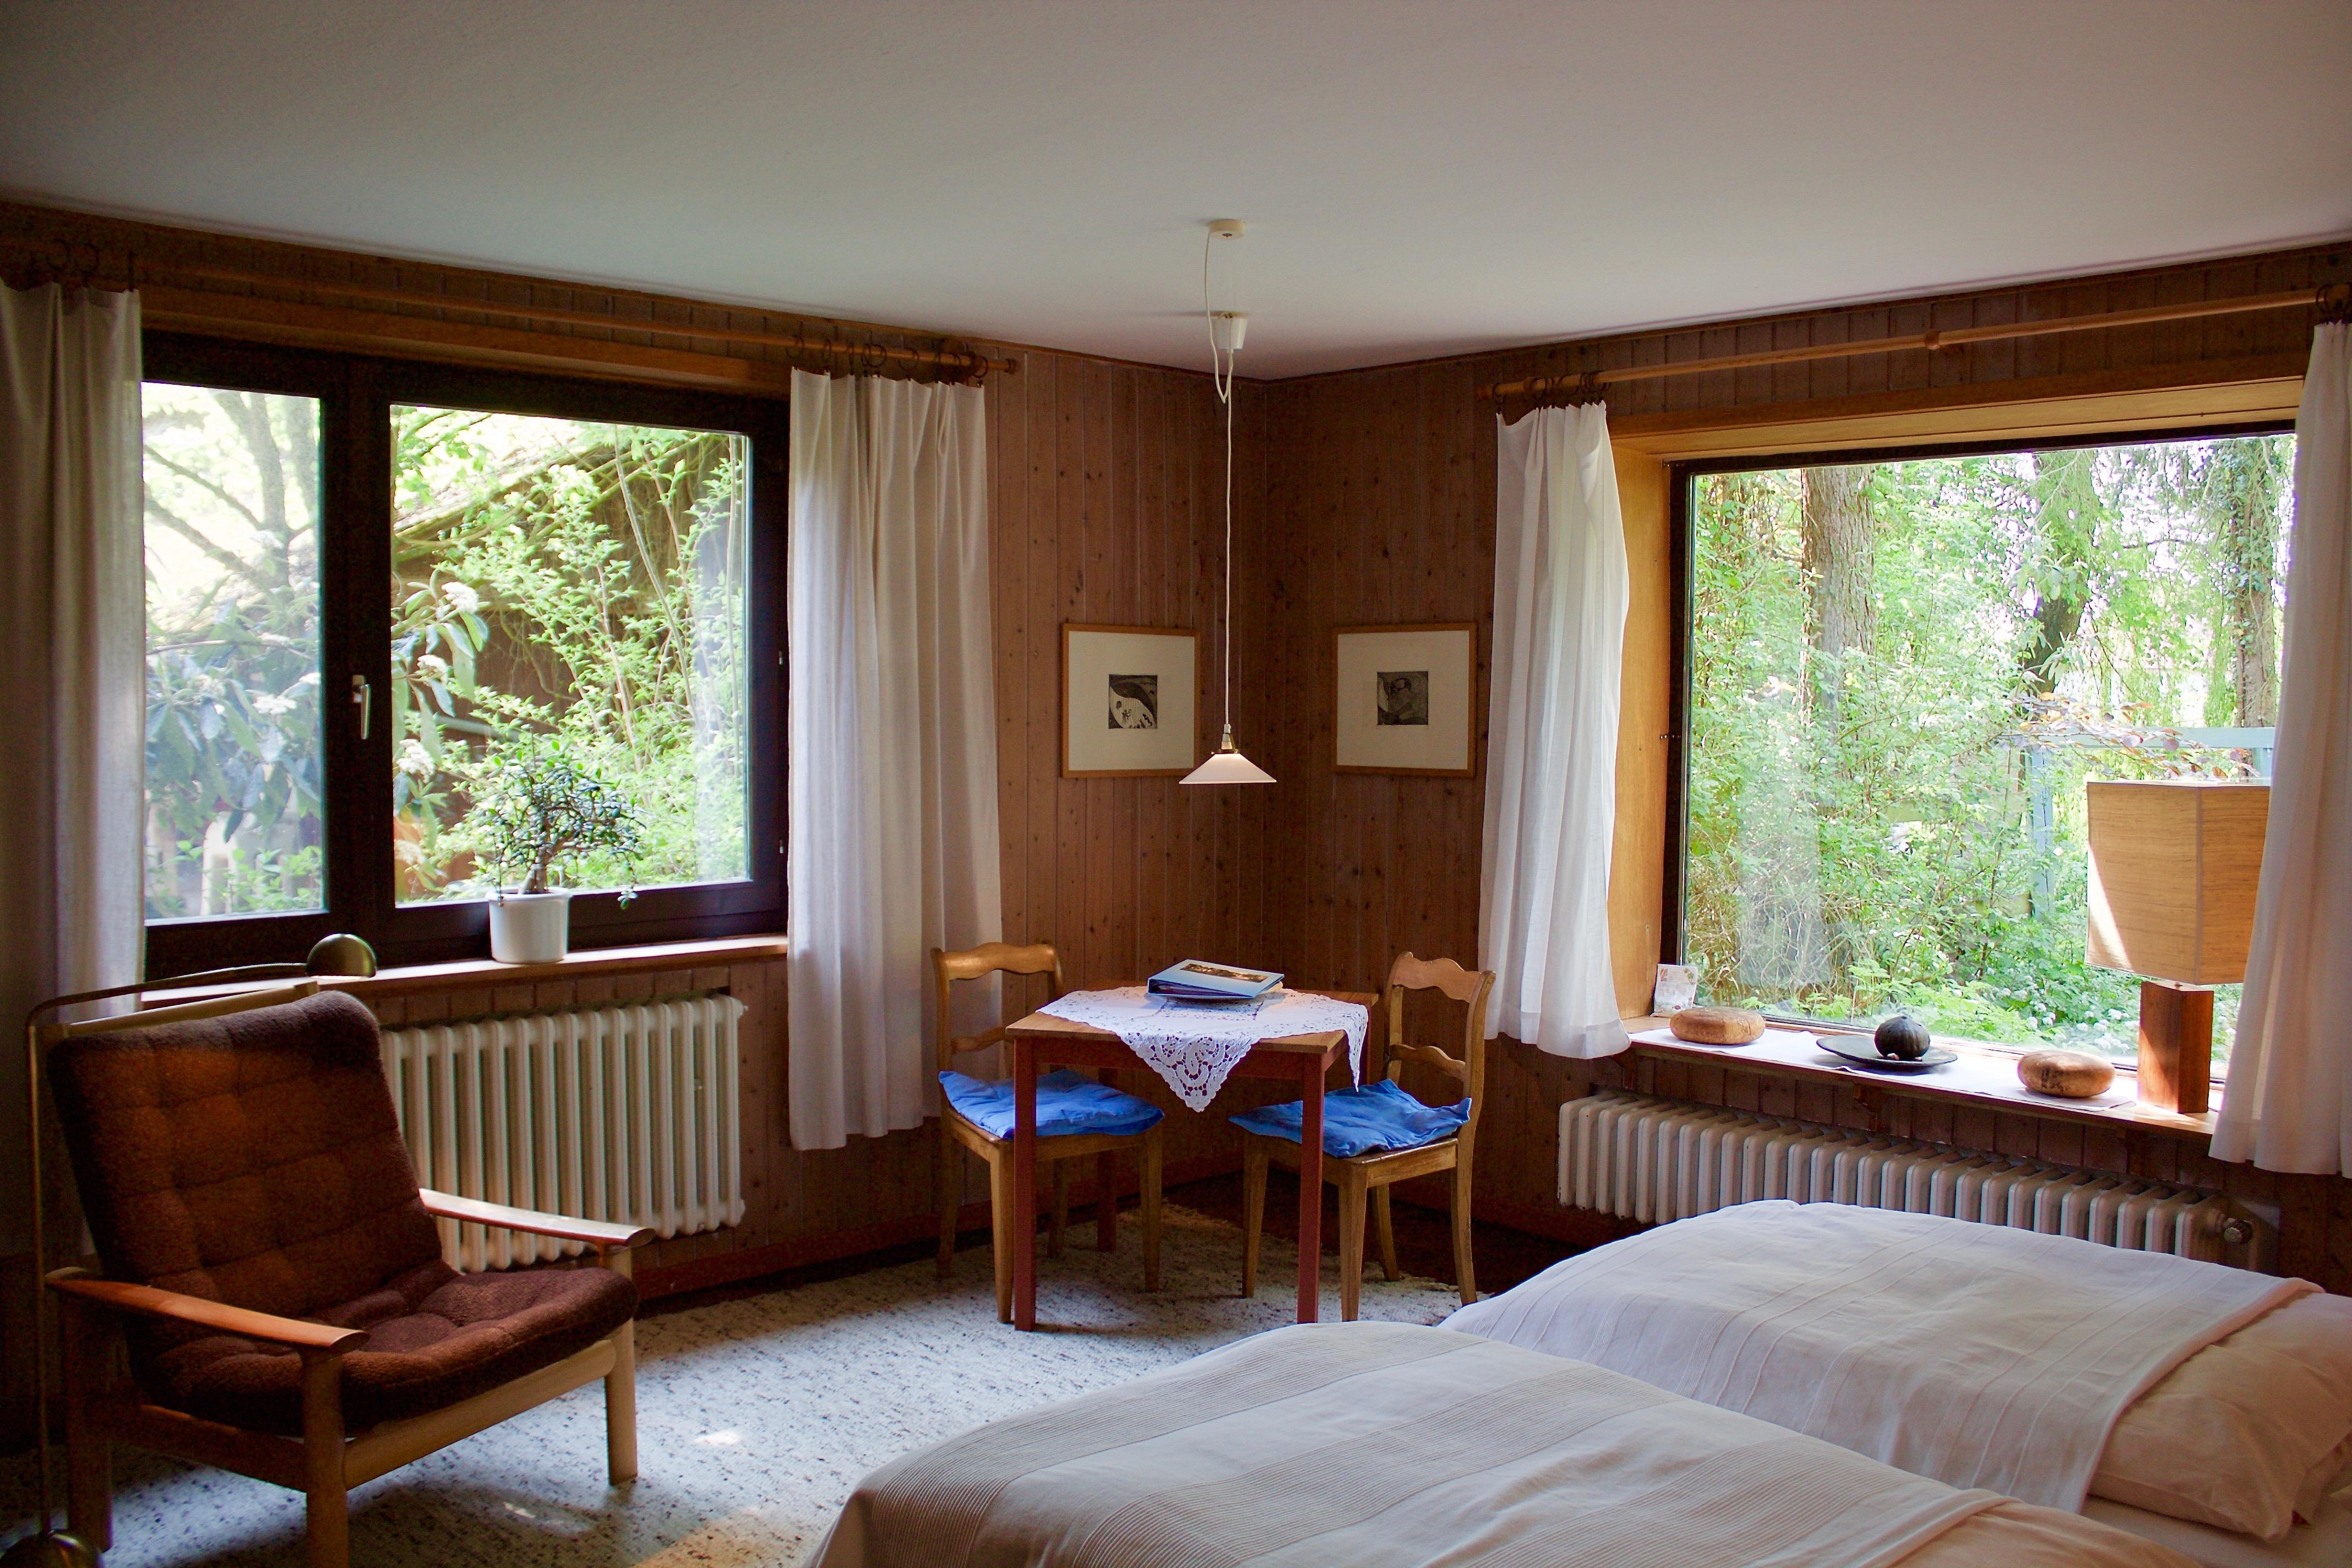 Klosterhof Brunshausen - Zimmer im Gästehaus